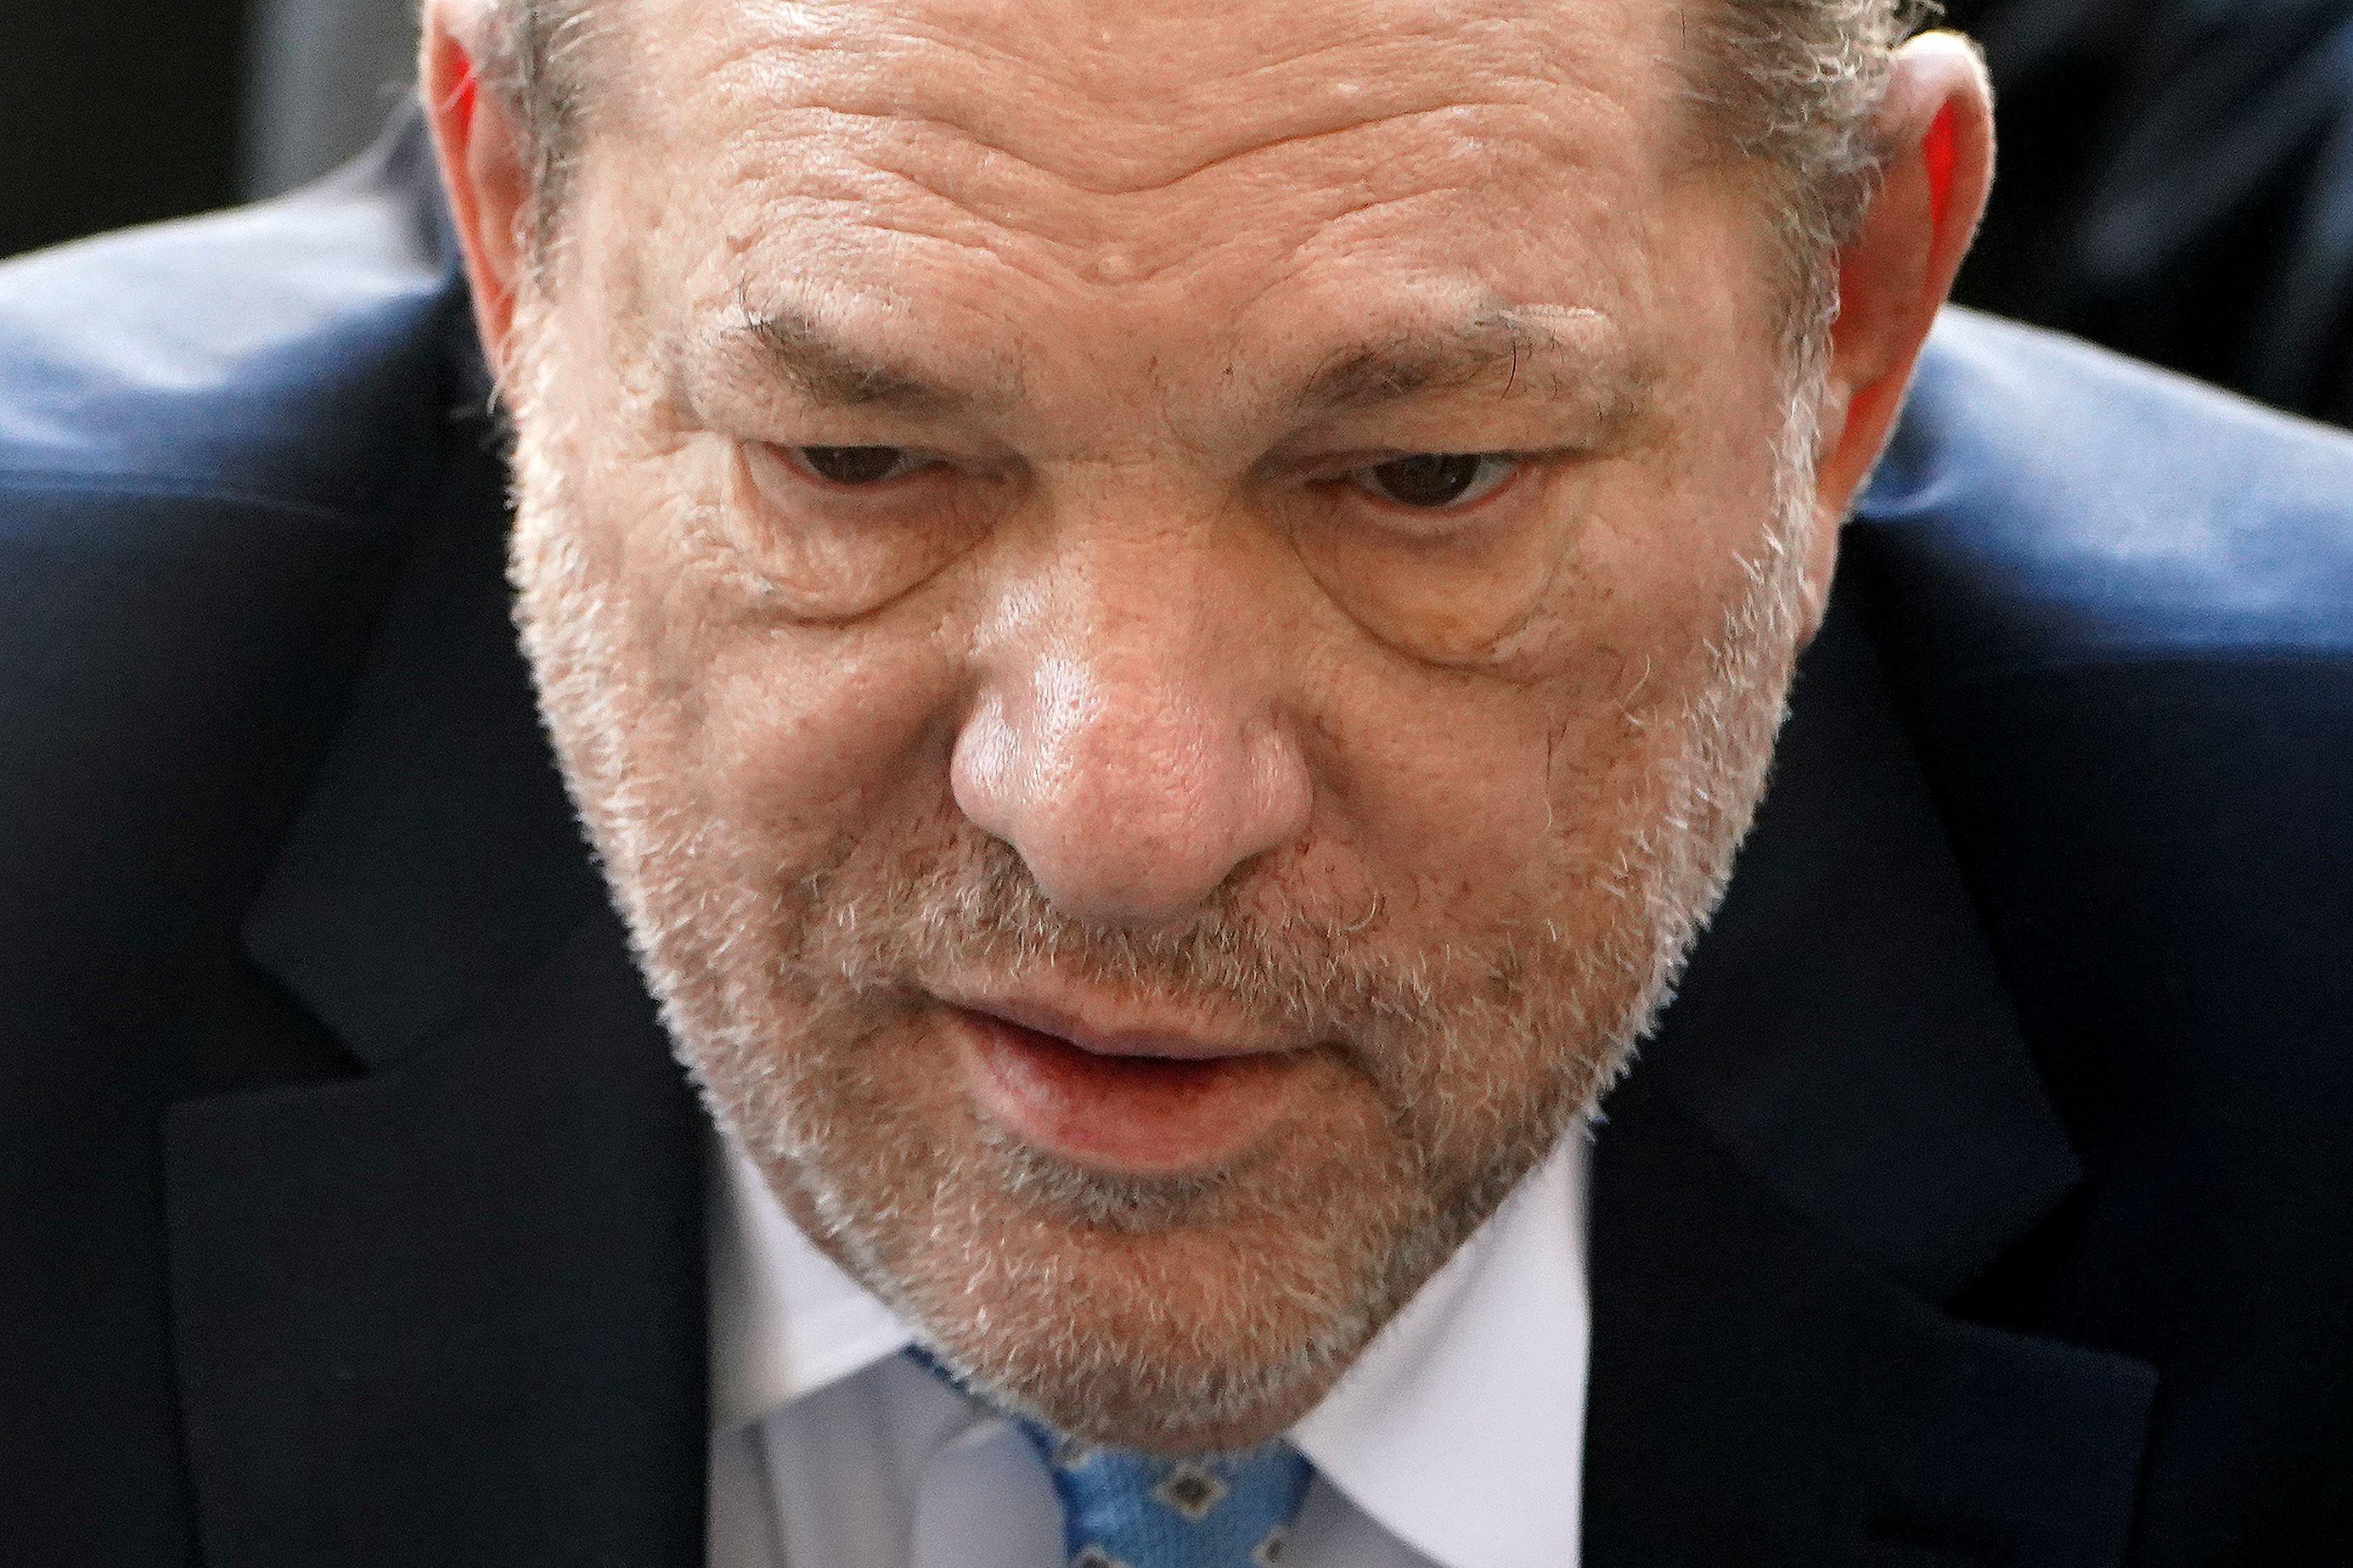 Harvey Weinstein, de 67 años, fue declarado culpable de violación y agresión sexual por un jurado de Manhattan. Fue detenido y se enfrenta a una sentencia de hasta 25 años de prisión /REUTERS